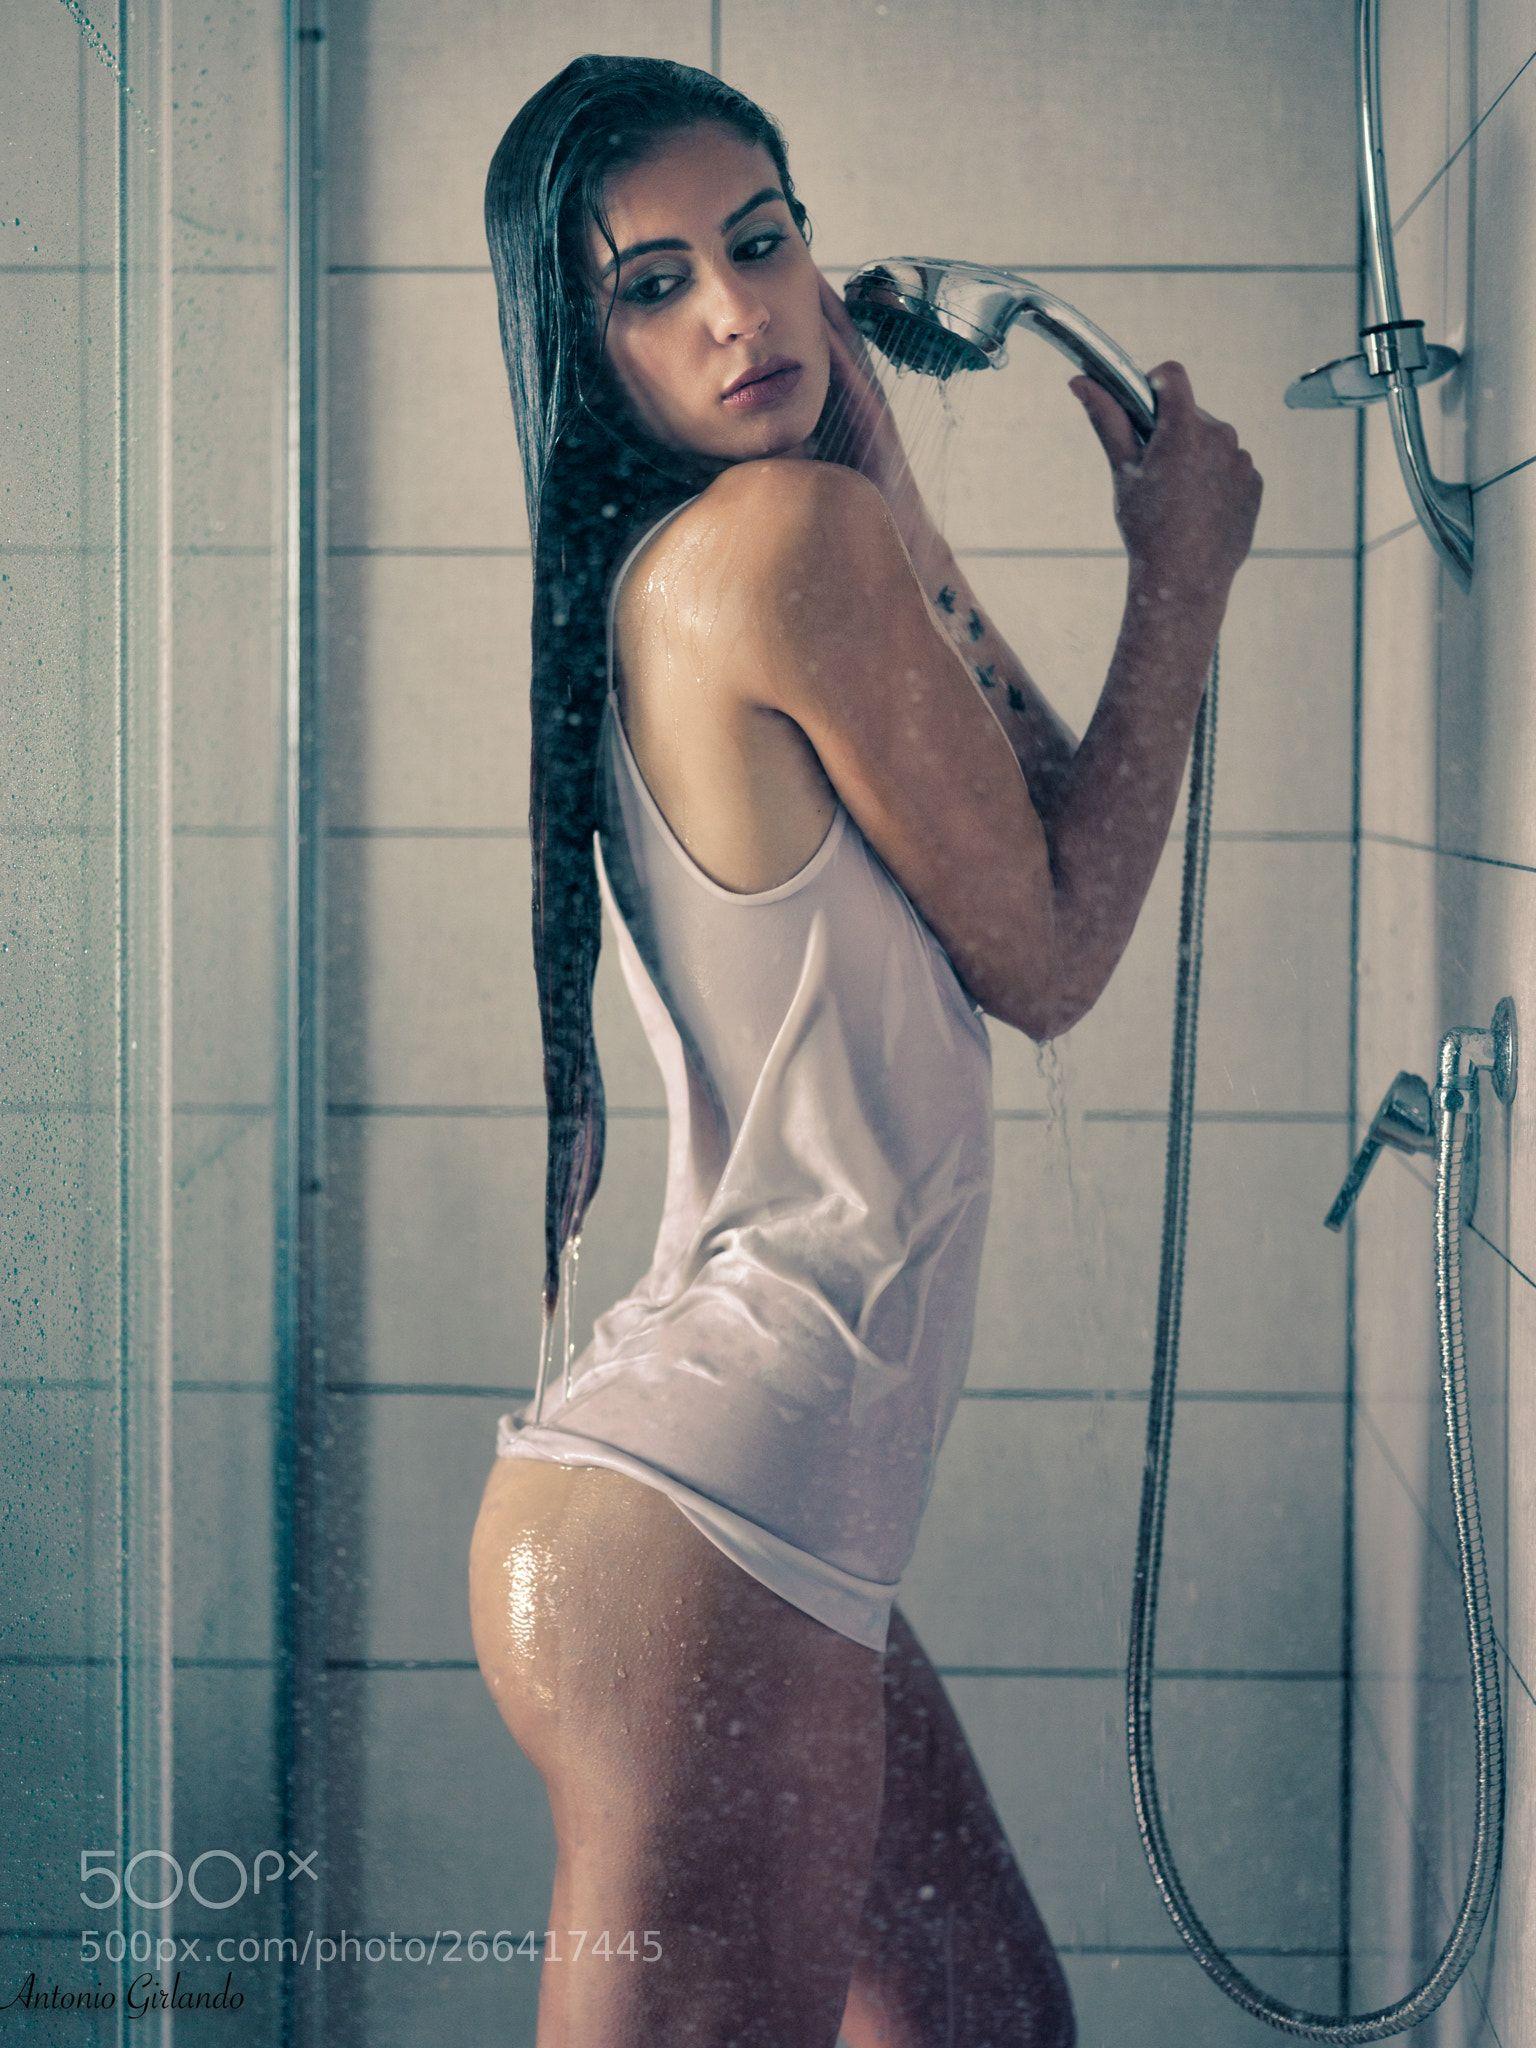 The Shower 3 By Antoniogirlando Chicas Desnudas Chicas Buenas